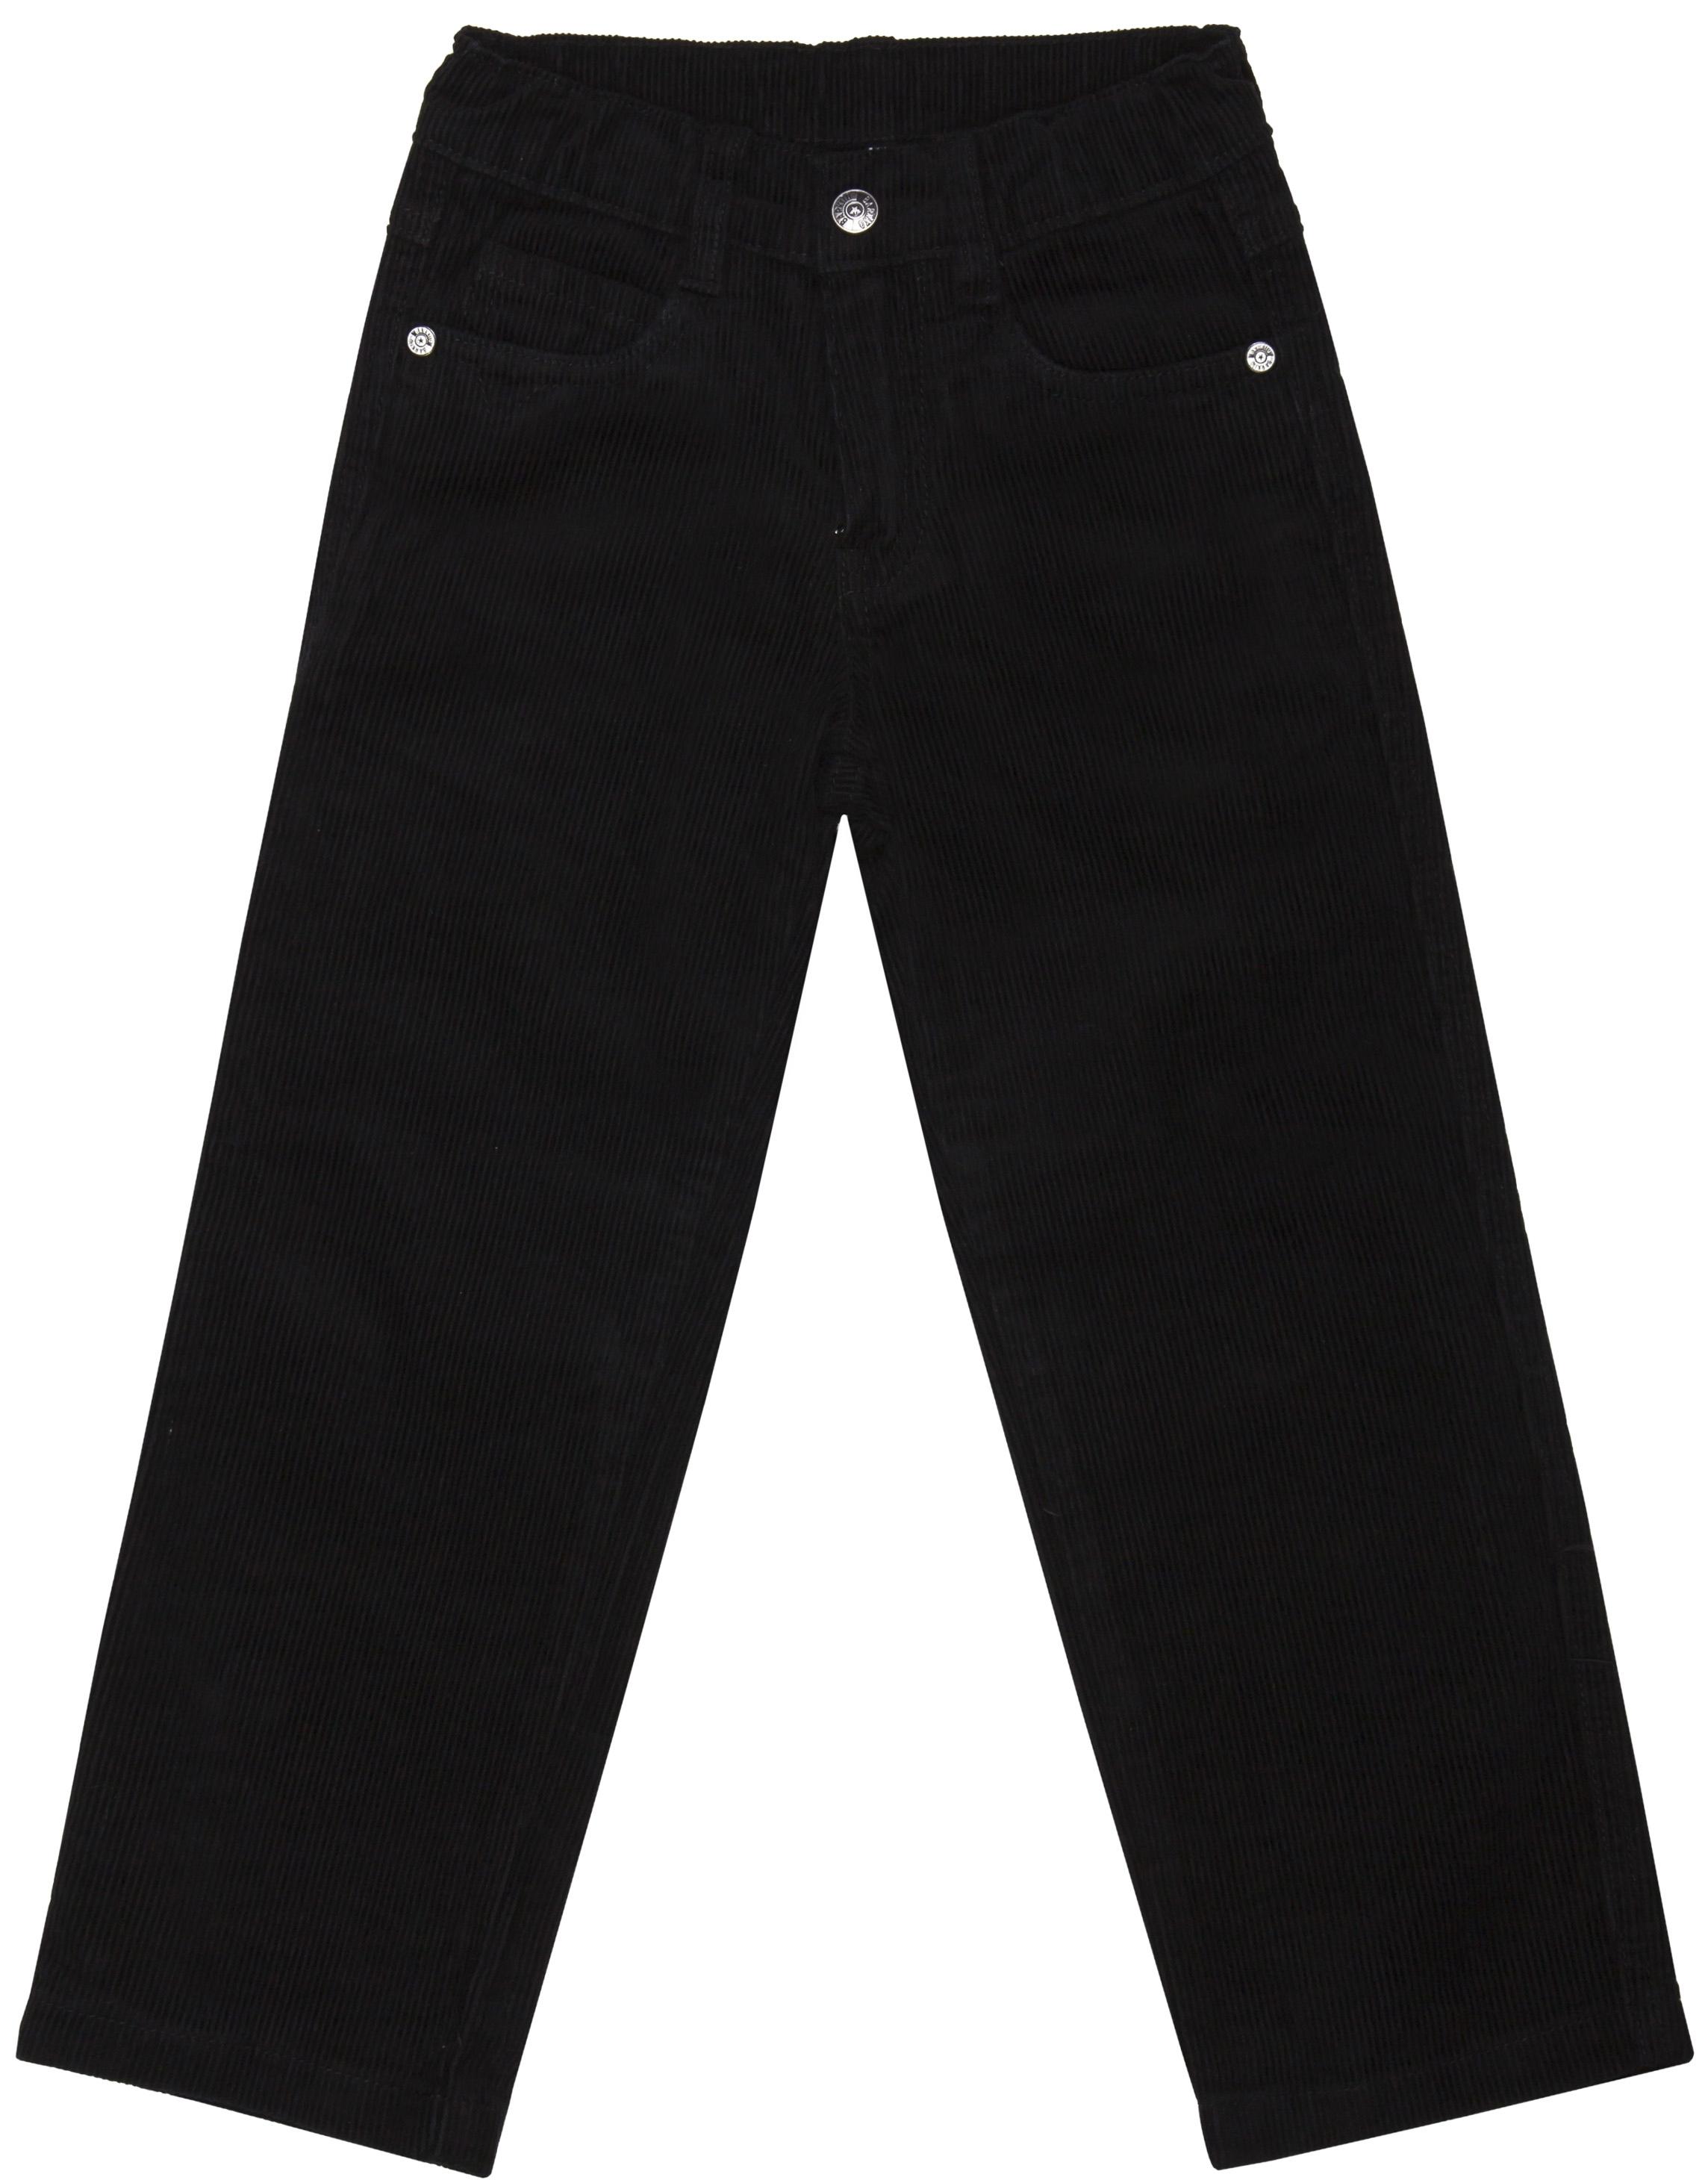 Брюки для мальчика Barkito W17B4001W(2) Механика 1 черные ботинки для мальчика reima черные